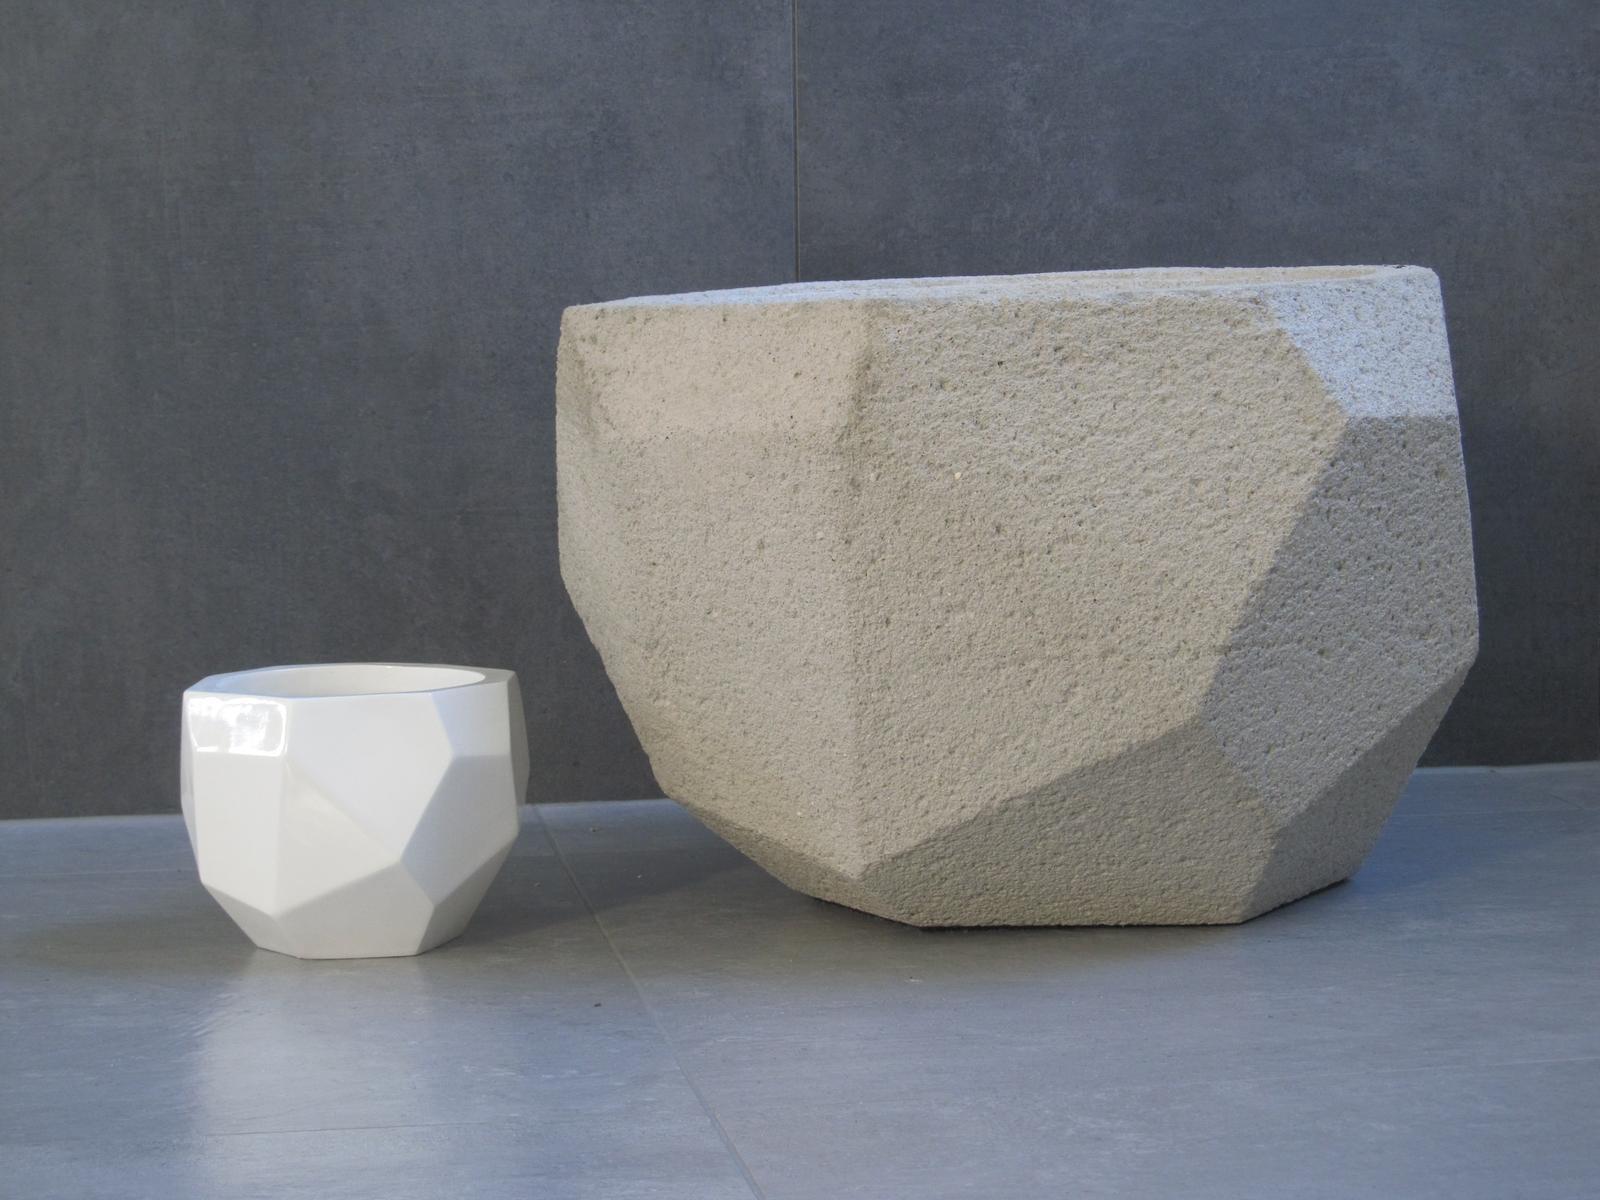 Naše bydlení - květník od Madam Stoltz má většího bráchu :-) super nápad jak využít beton :-)